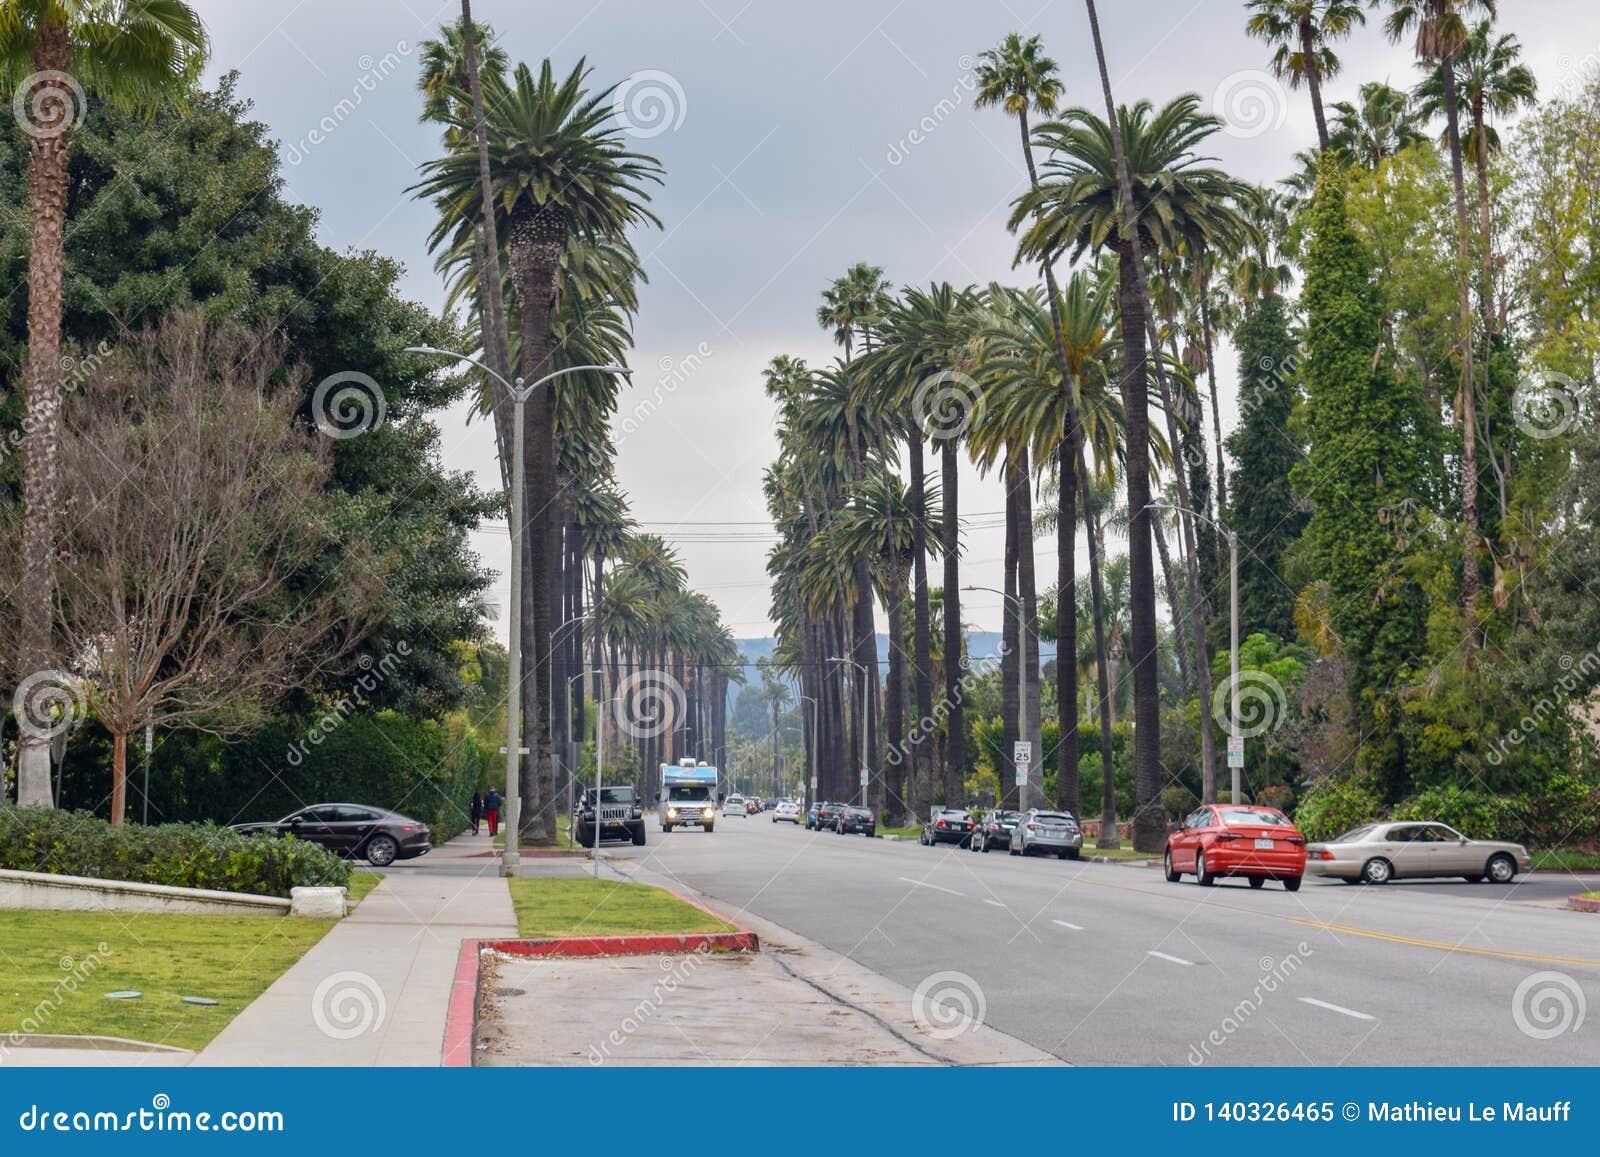 Улицы Беверли-Хиллз, Калифорнии